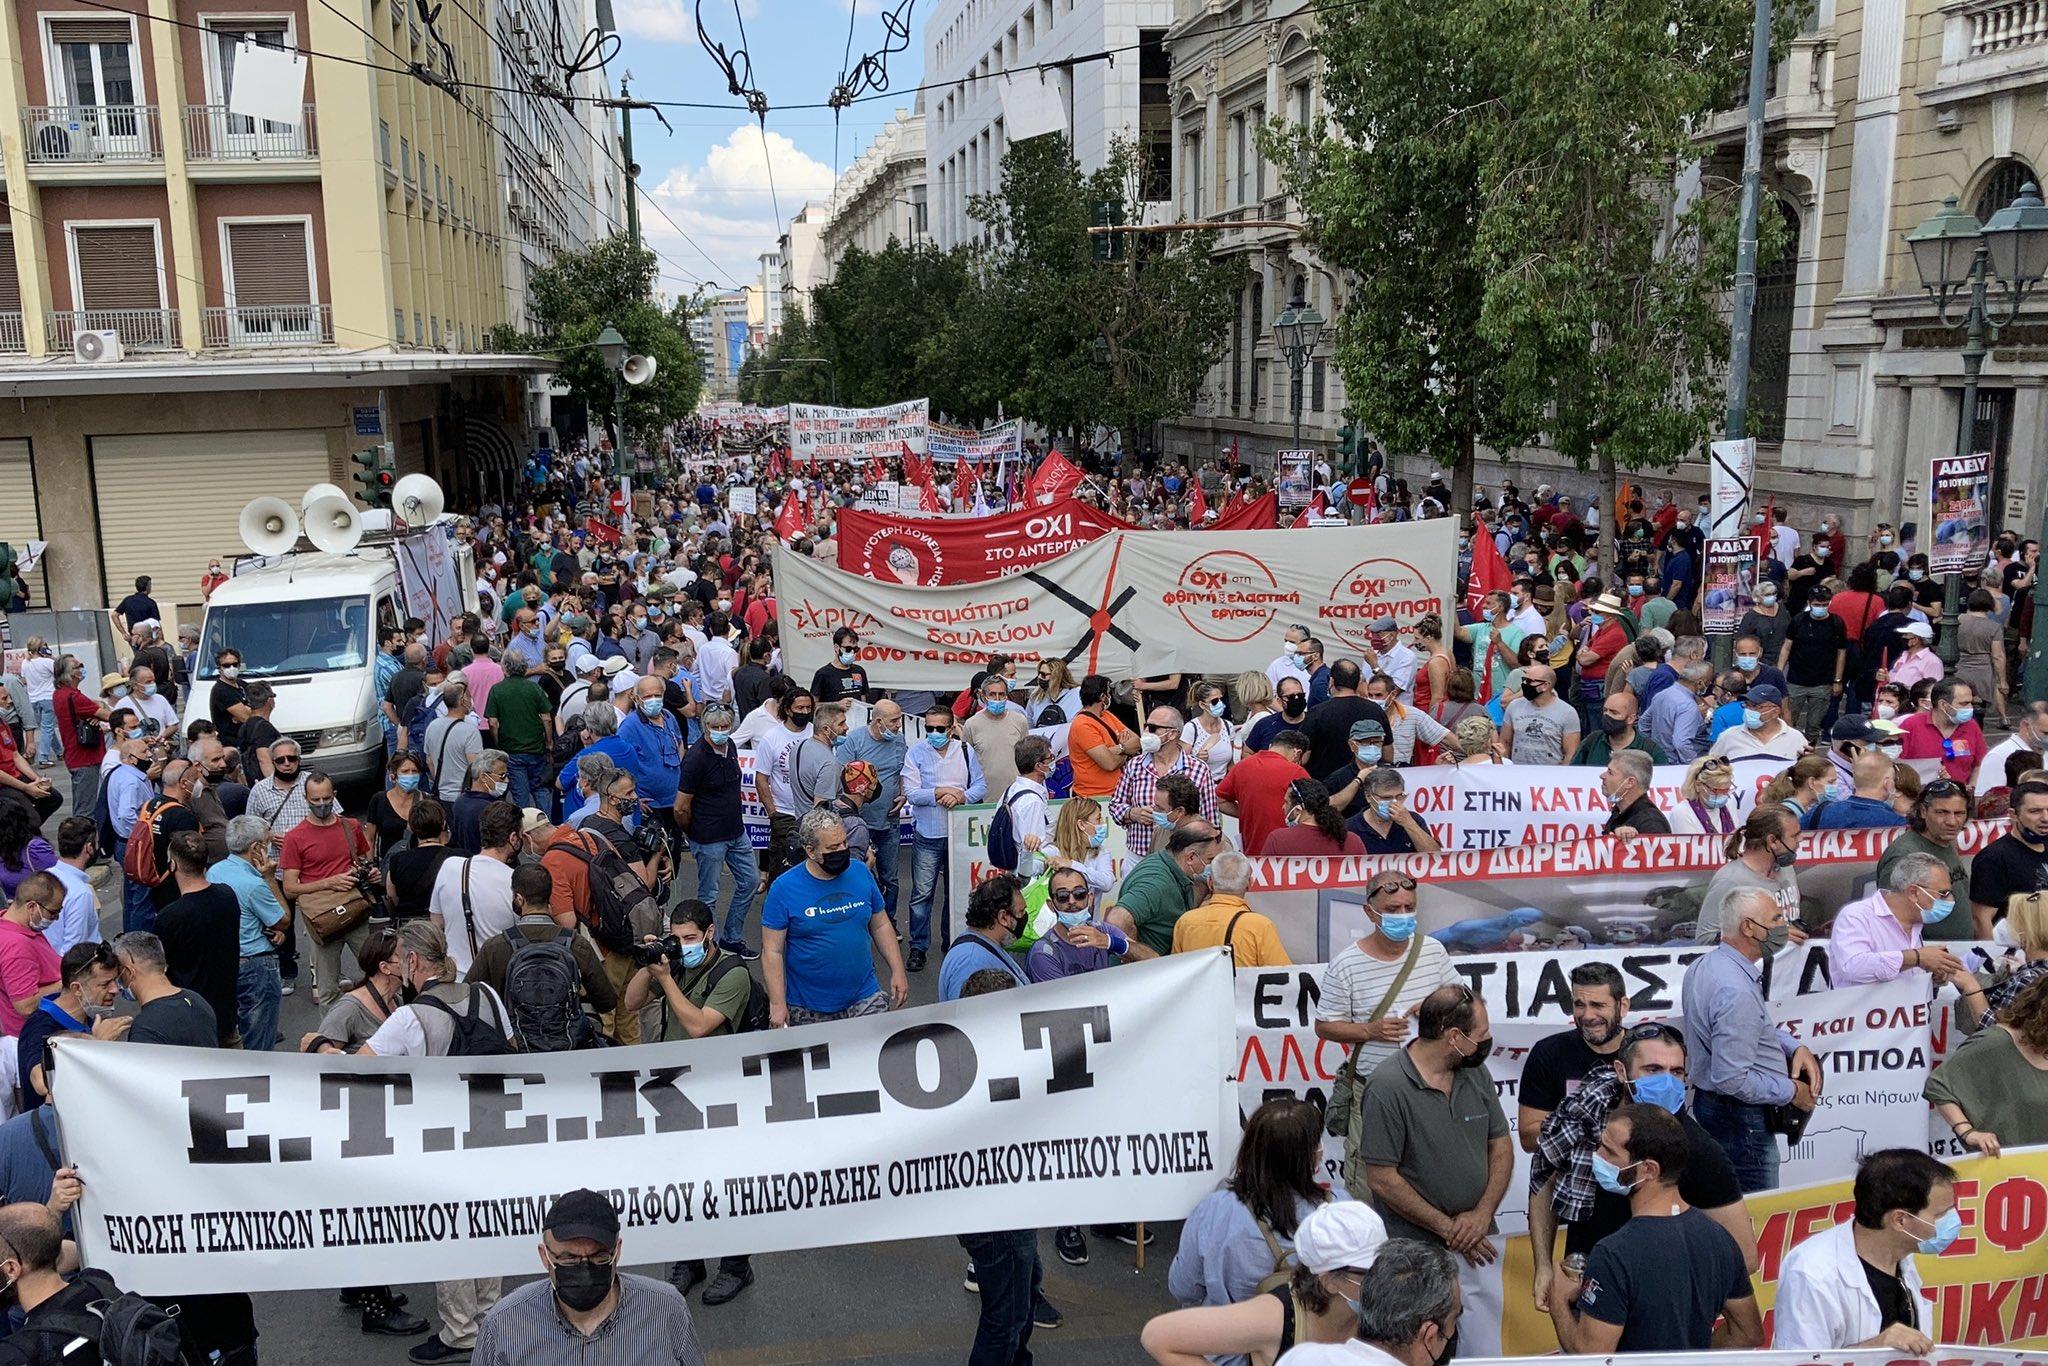 Strajk generalny przeciwko zmianom w prawie pracy. 20 tys. osób demonstruje w Atenach